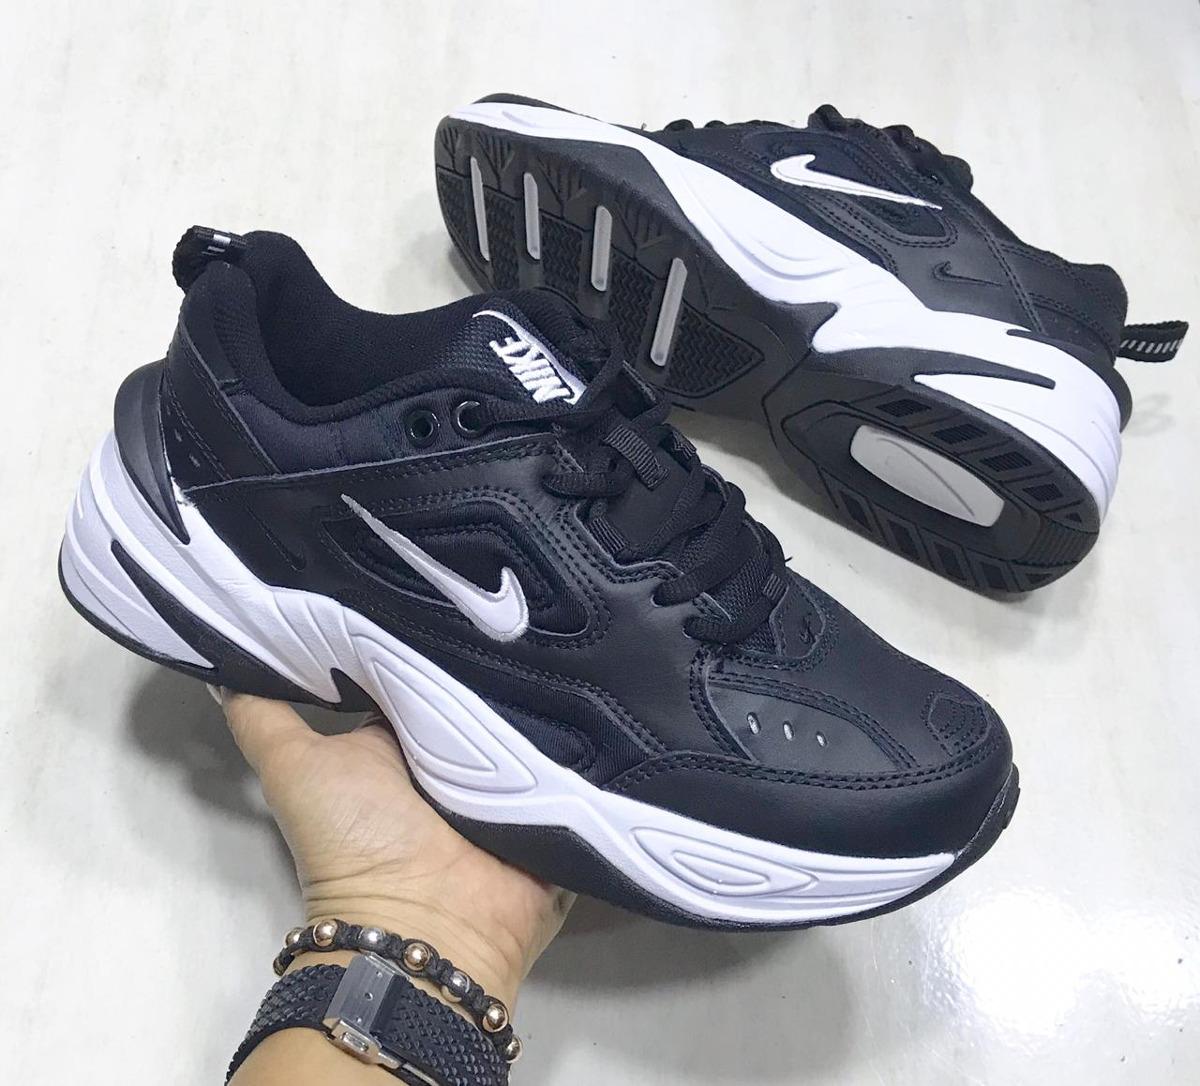 finest selection ea256 d5717 Zapatillas Nike M2k Tekno Para Caballero - $ 170.000 en Mercado Libre